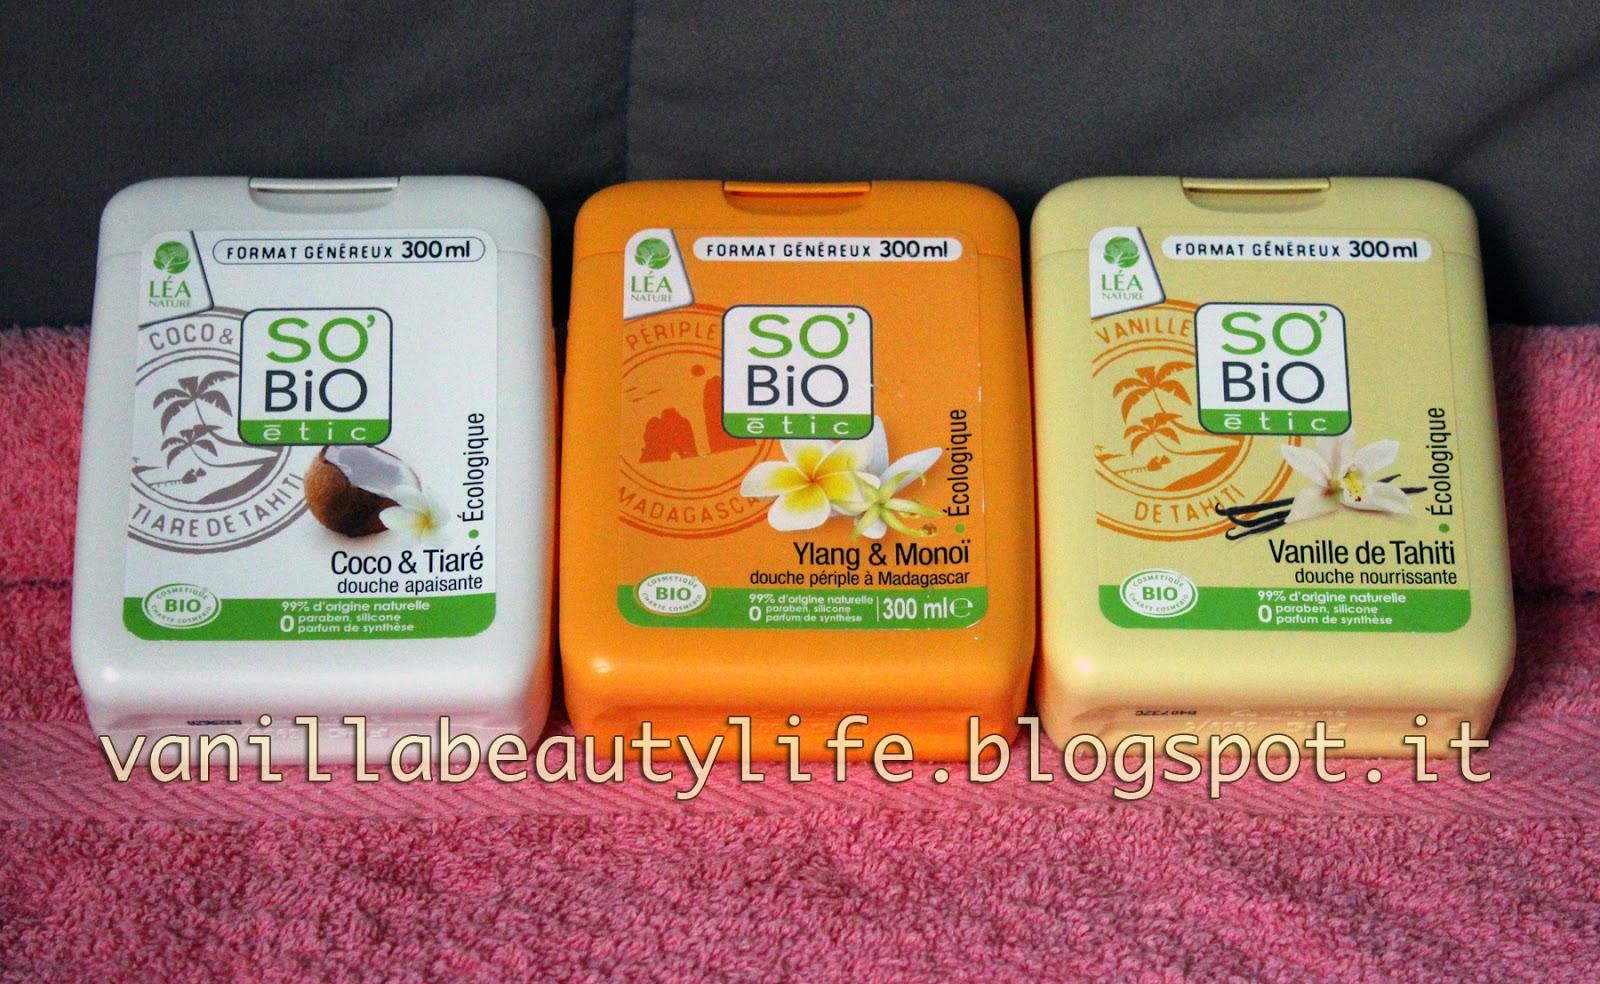 Bagnoschiuma Bio : Vanilla beauty: so bio Étic bagnoschiuma cocco & tiaré ylang e